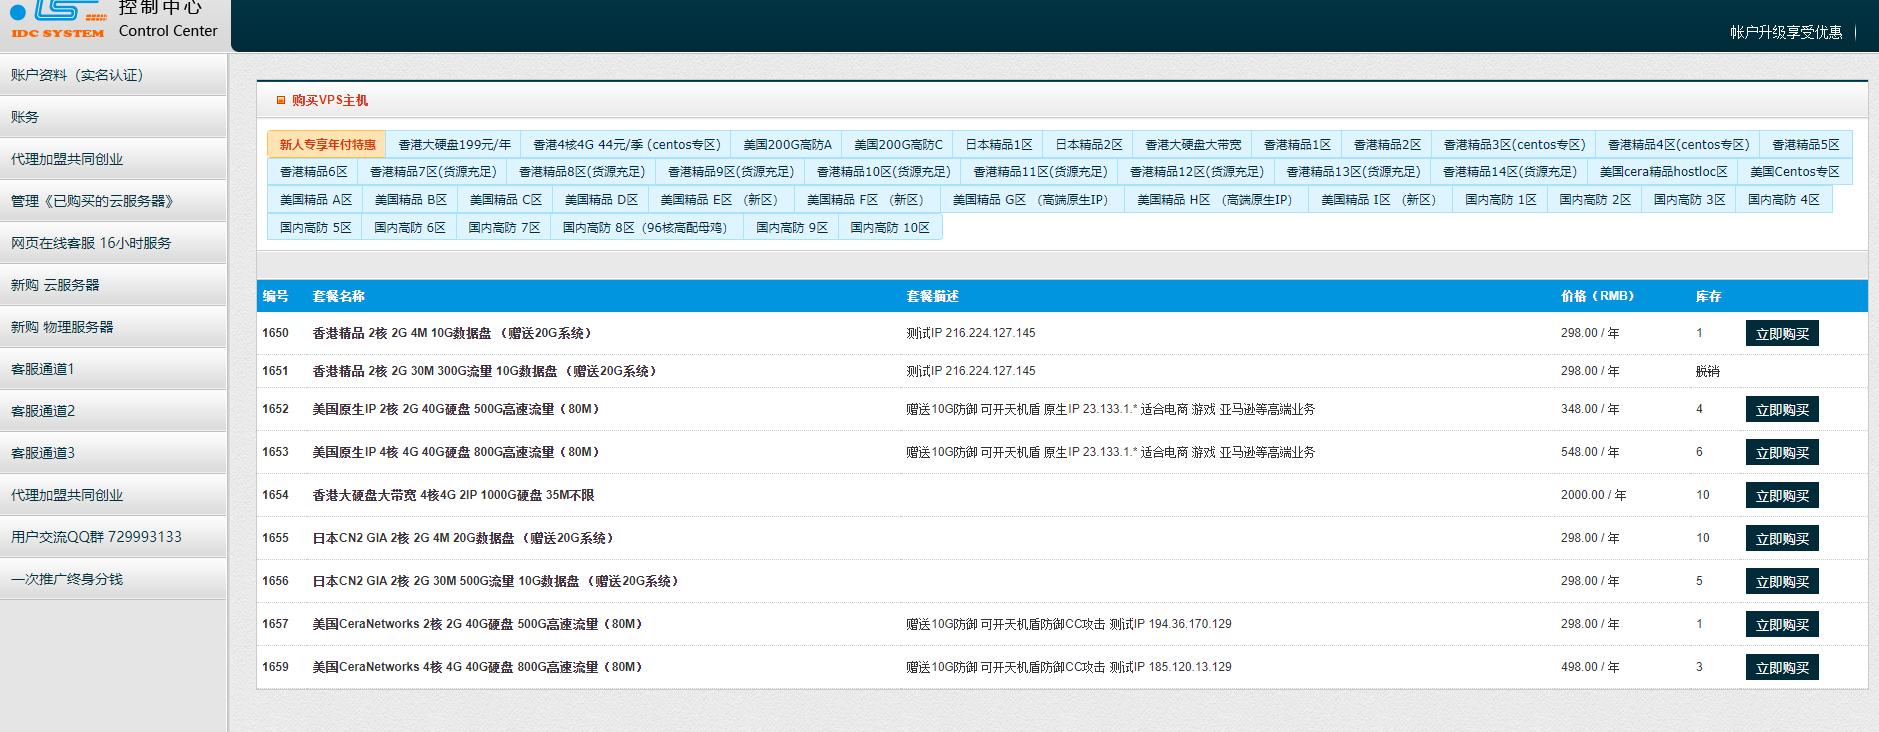 王小玉(香港)- 新人专享-香港2核2G4M 年付298元